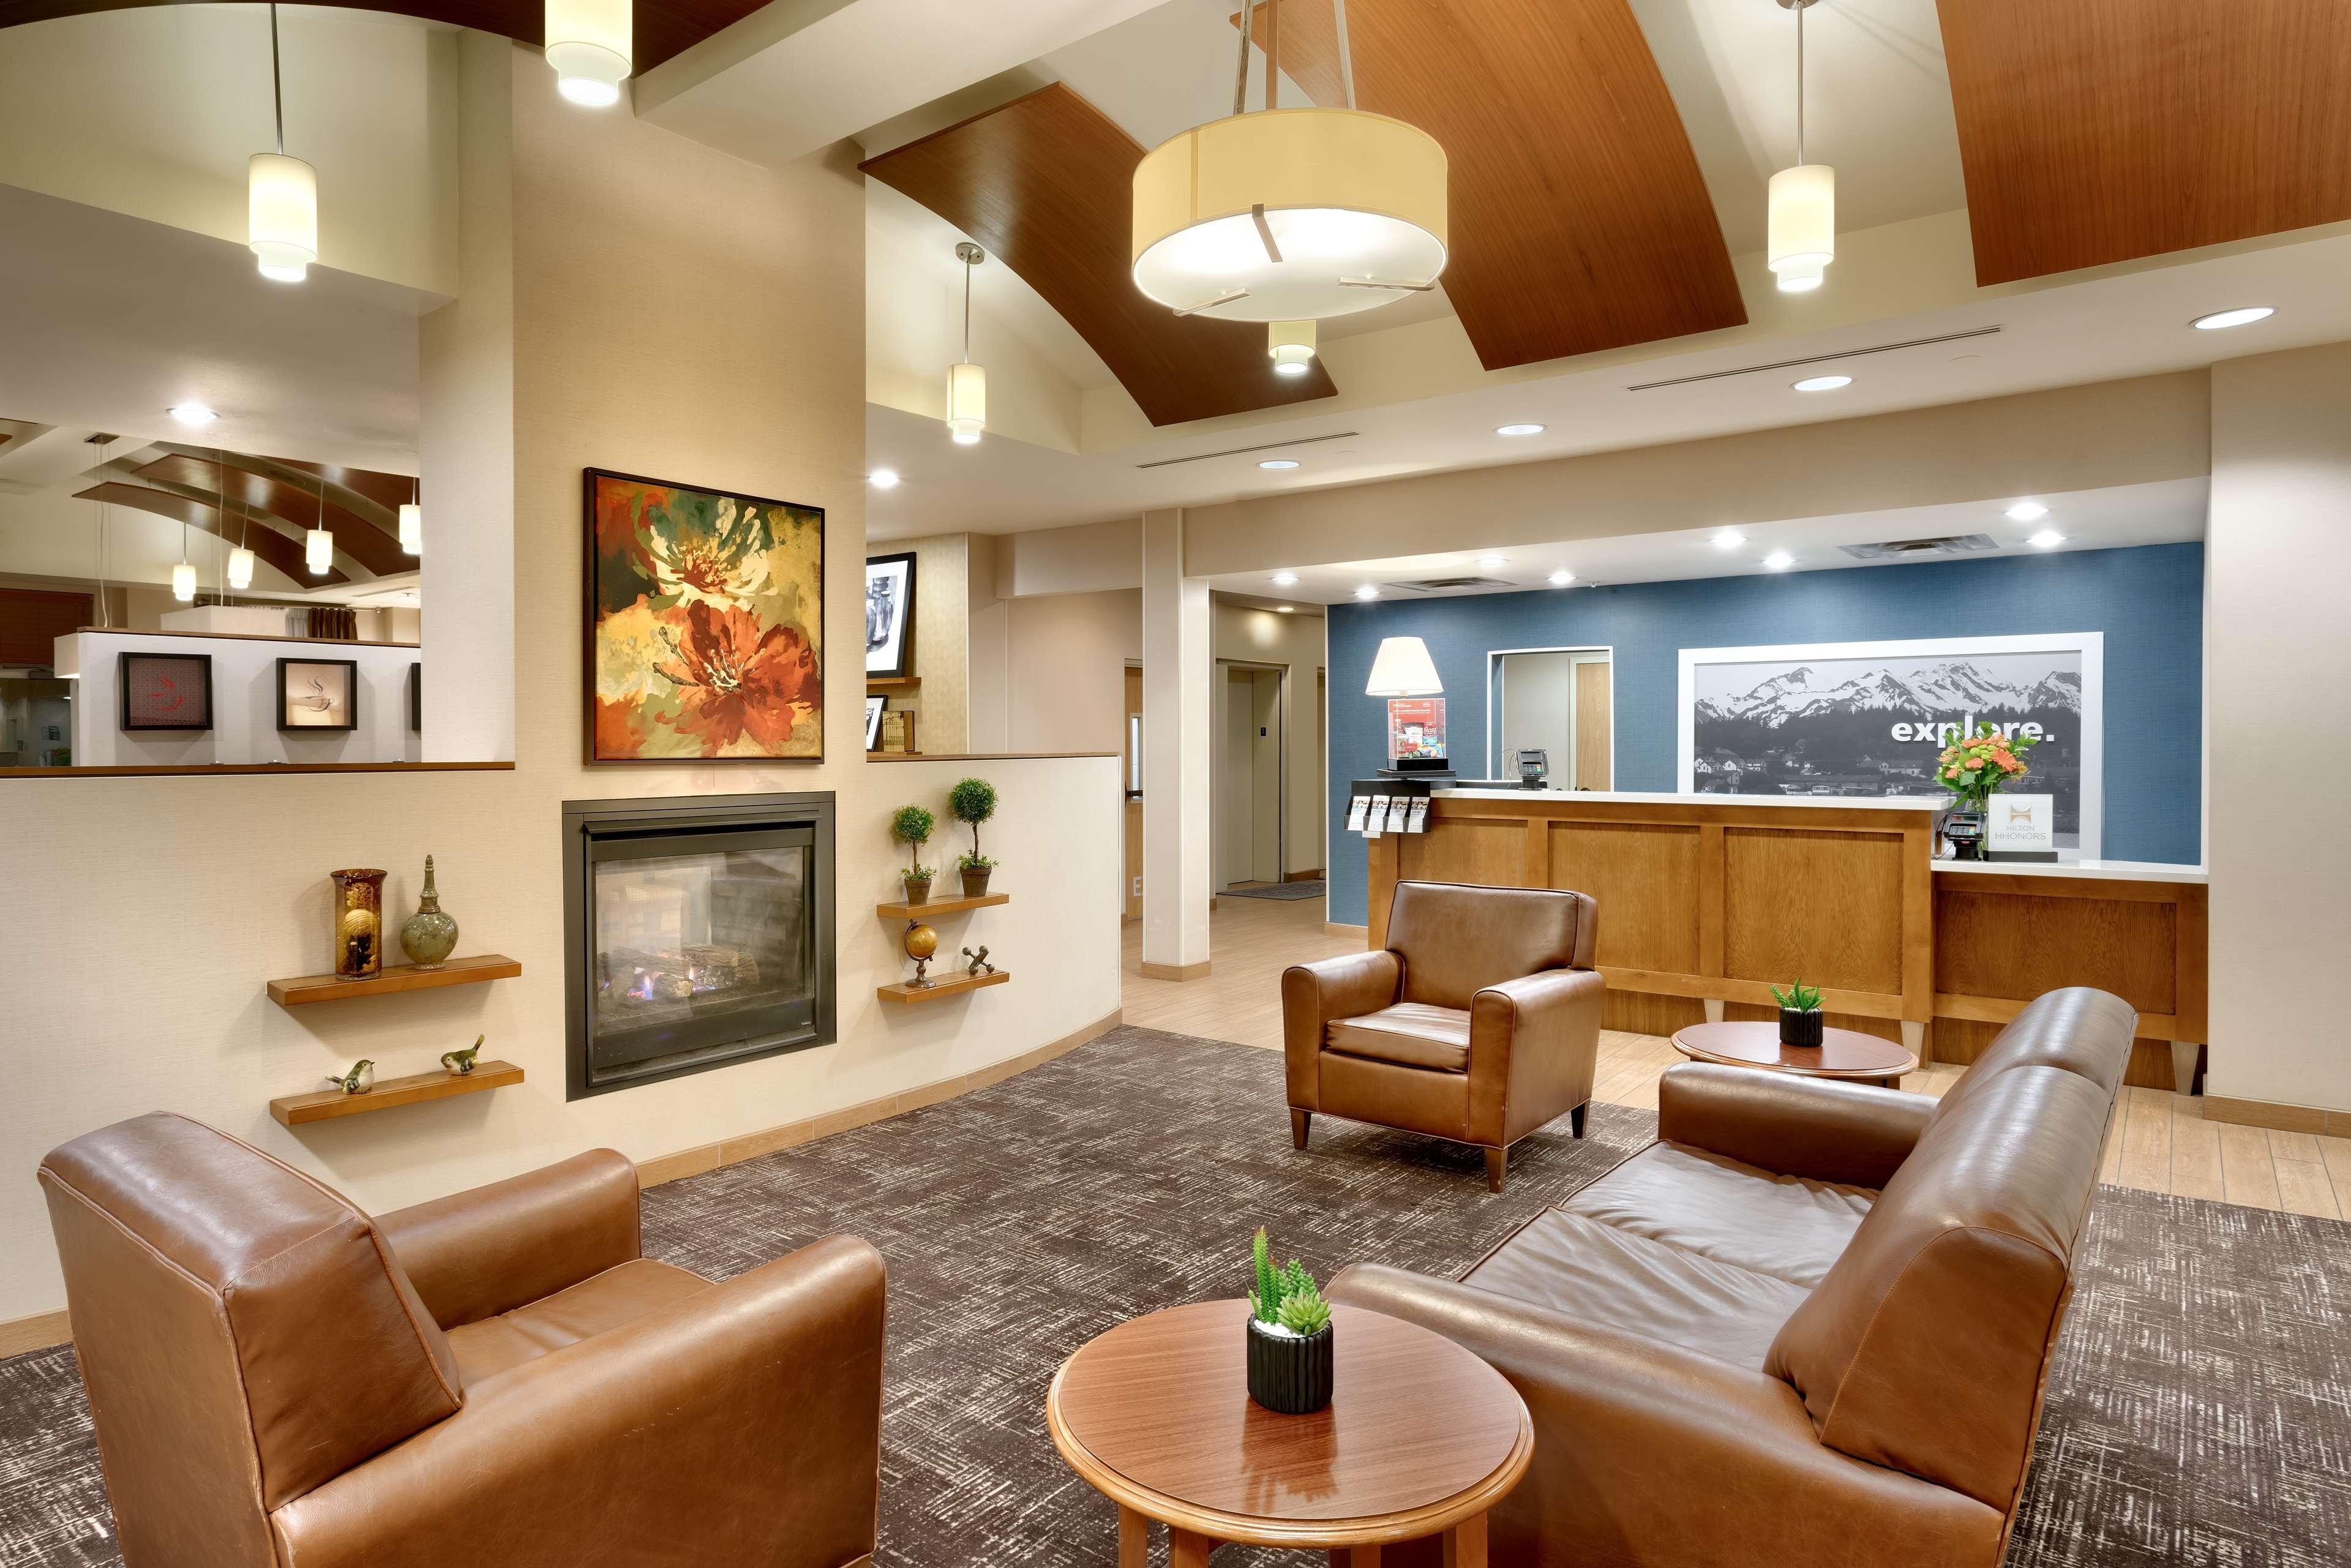 Hampton Inn & Suites Orem image 4